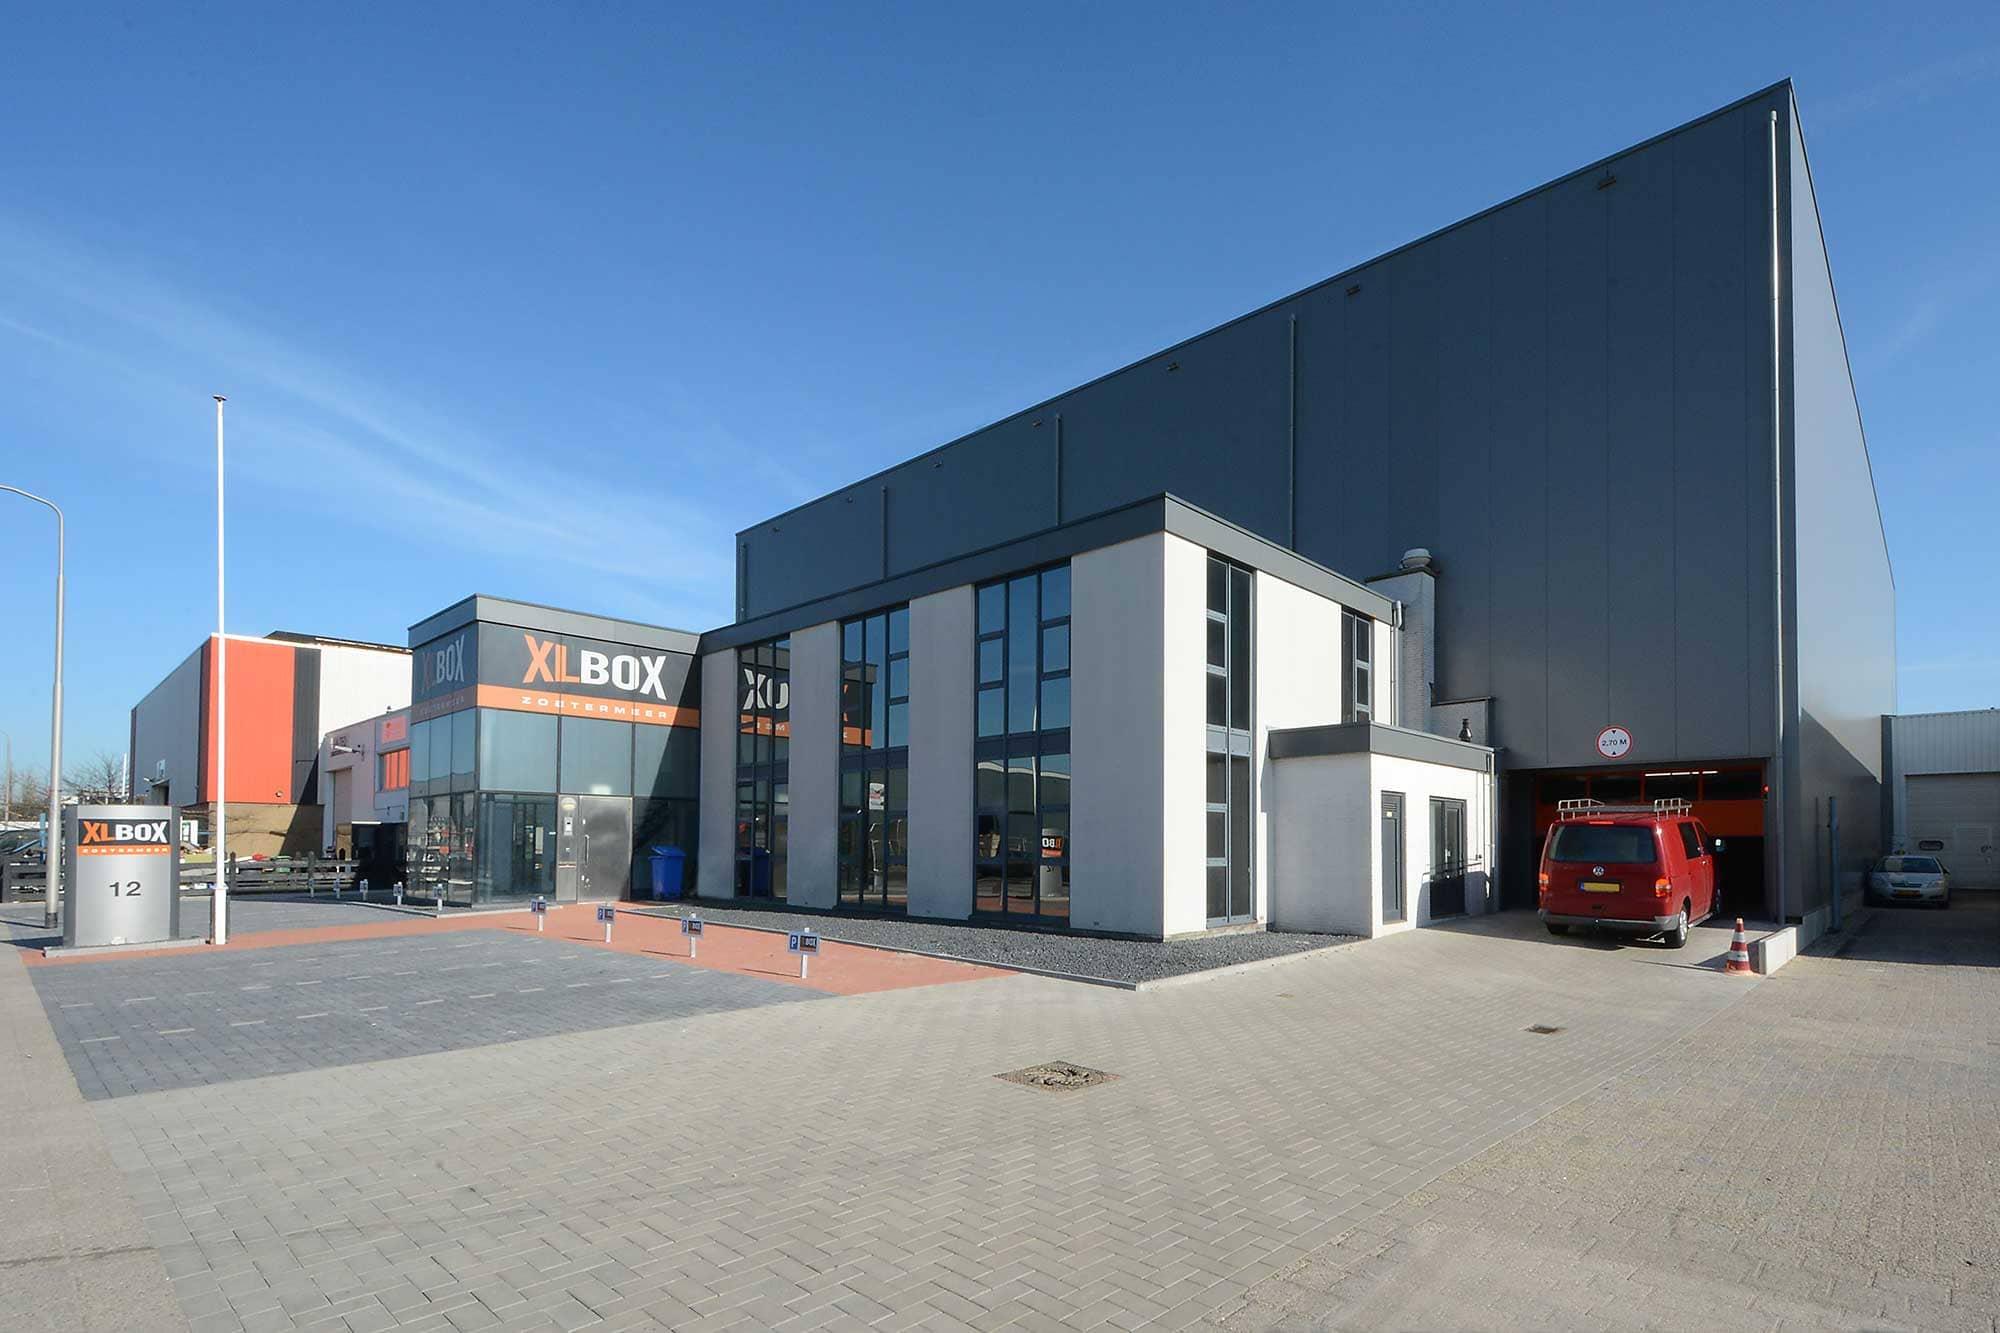 XLBox Nederland in Zoetermeer